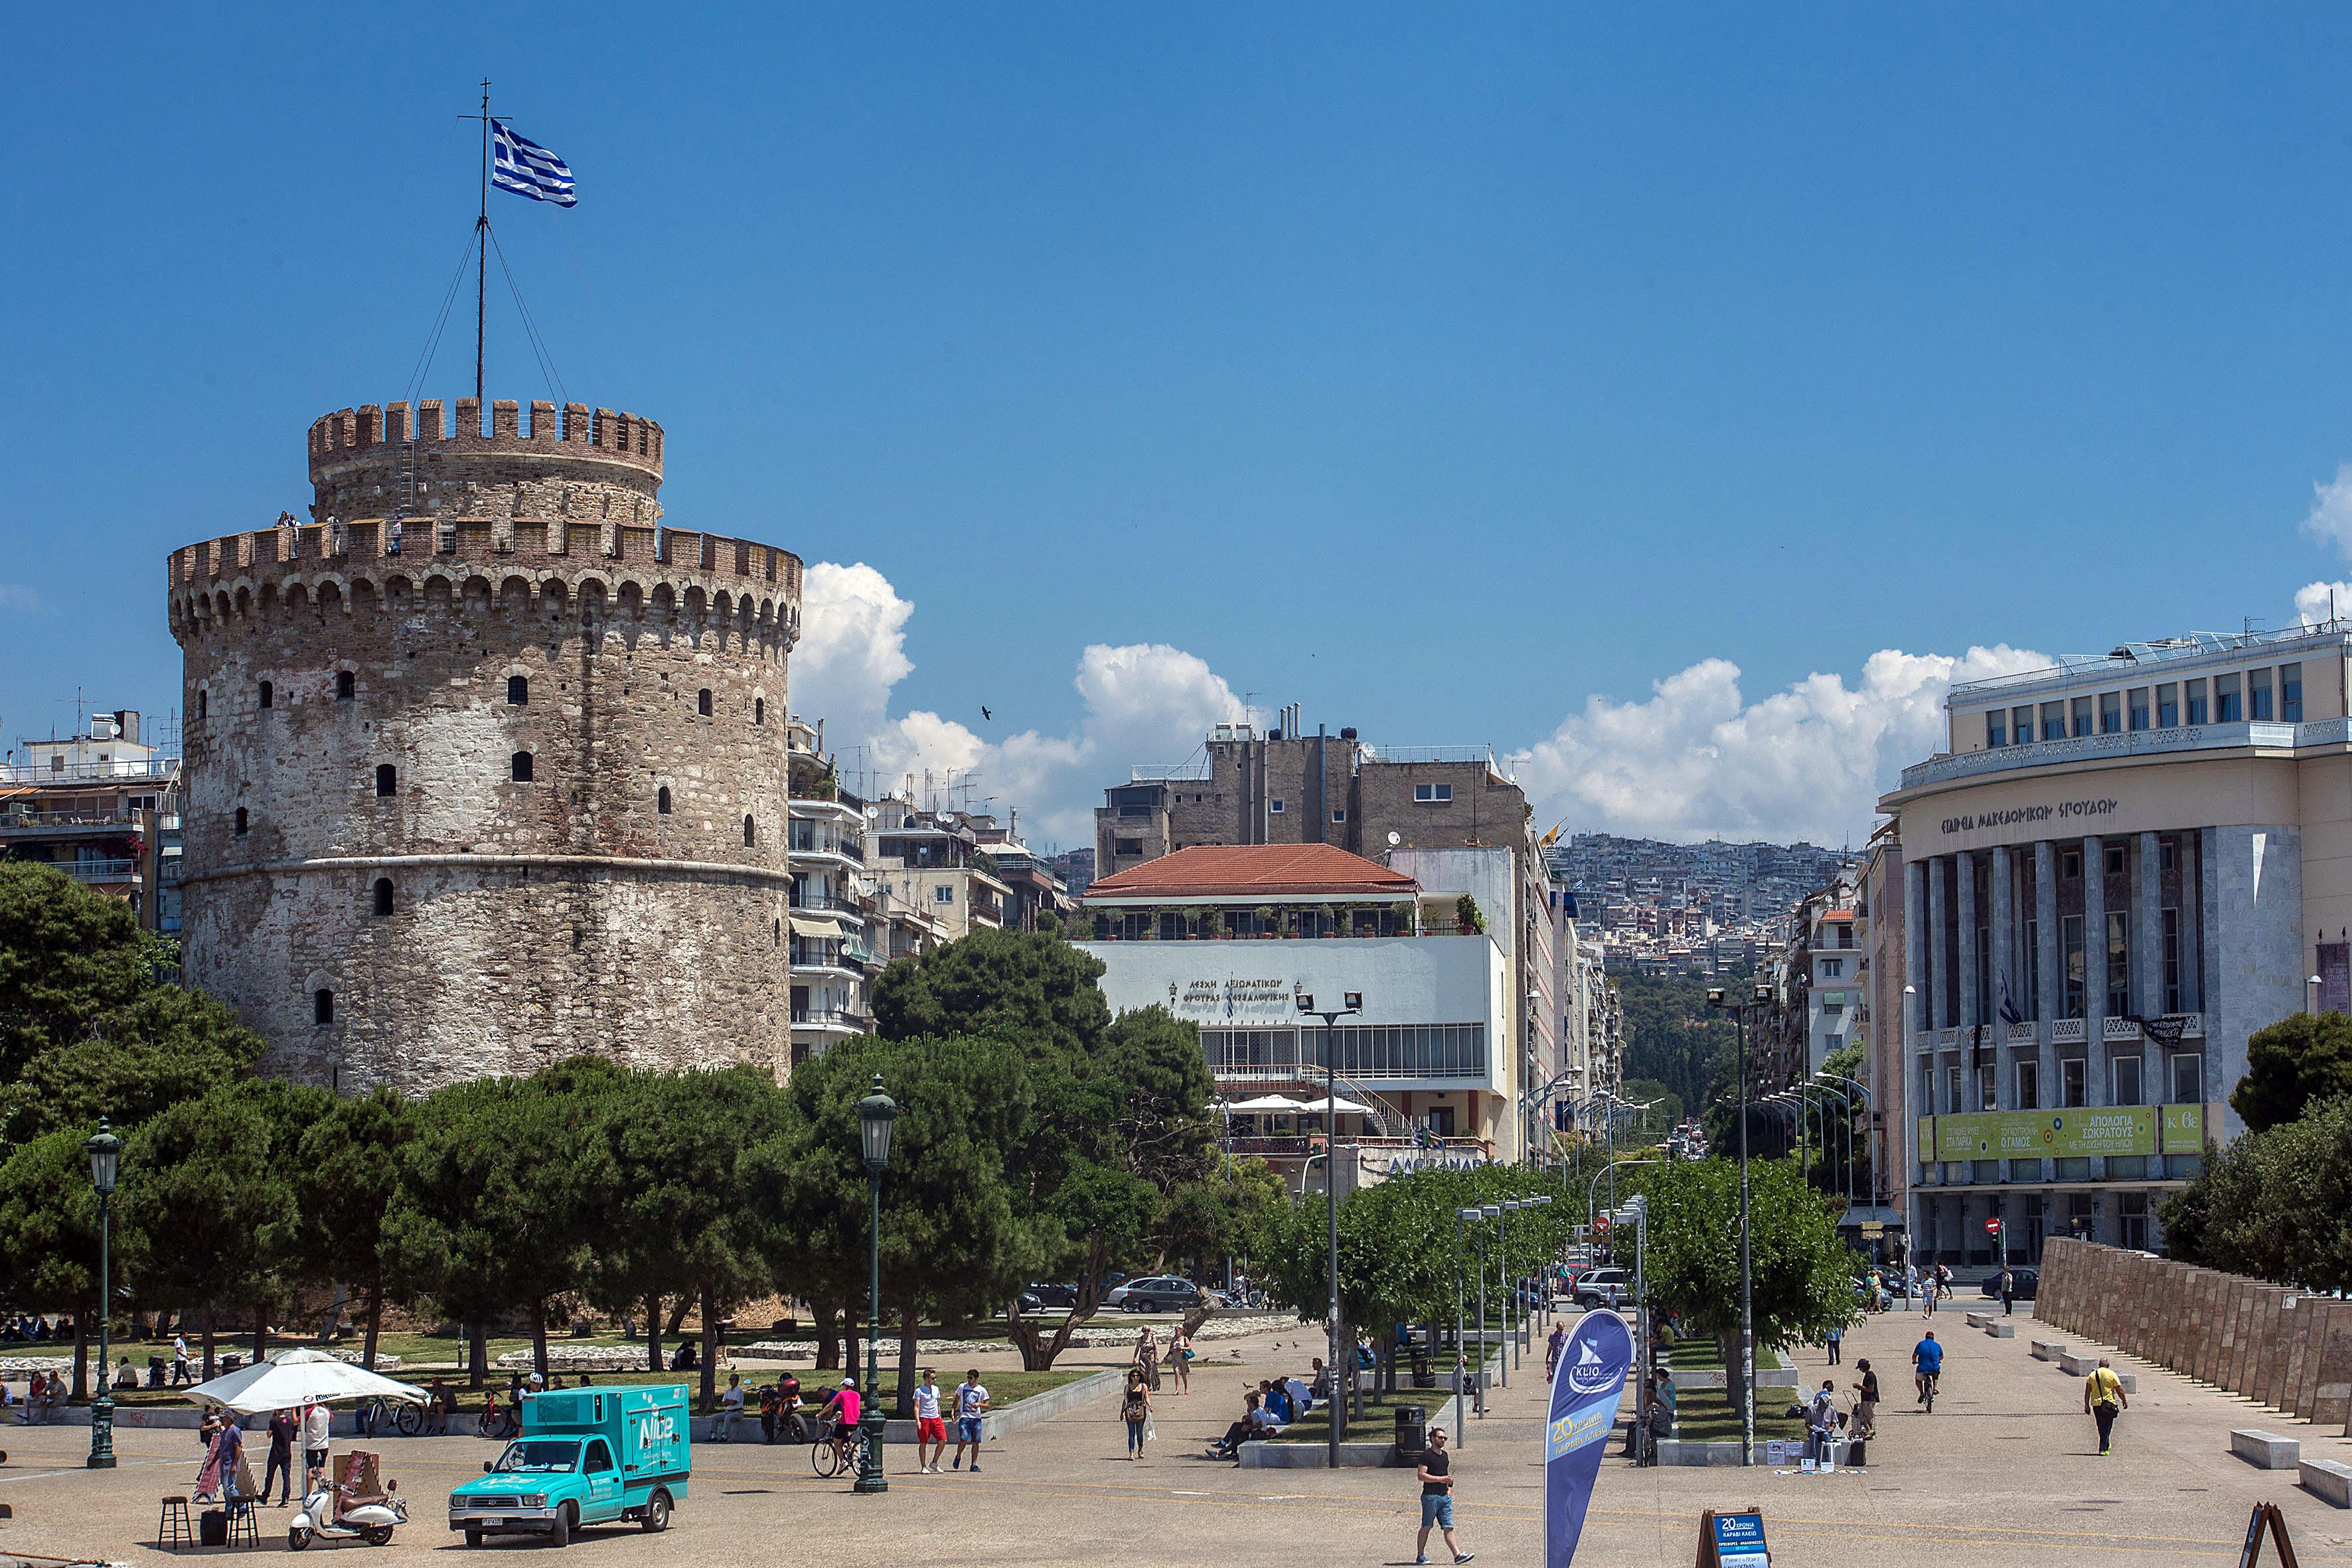 Θεσσαλονίκη: Πορεία κατά της συμφωνίας των Πρεσπών | tovima.gr